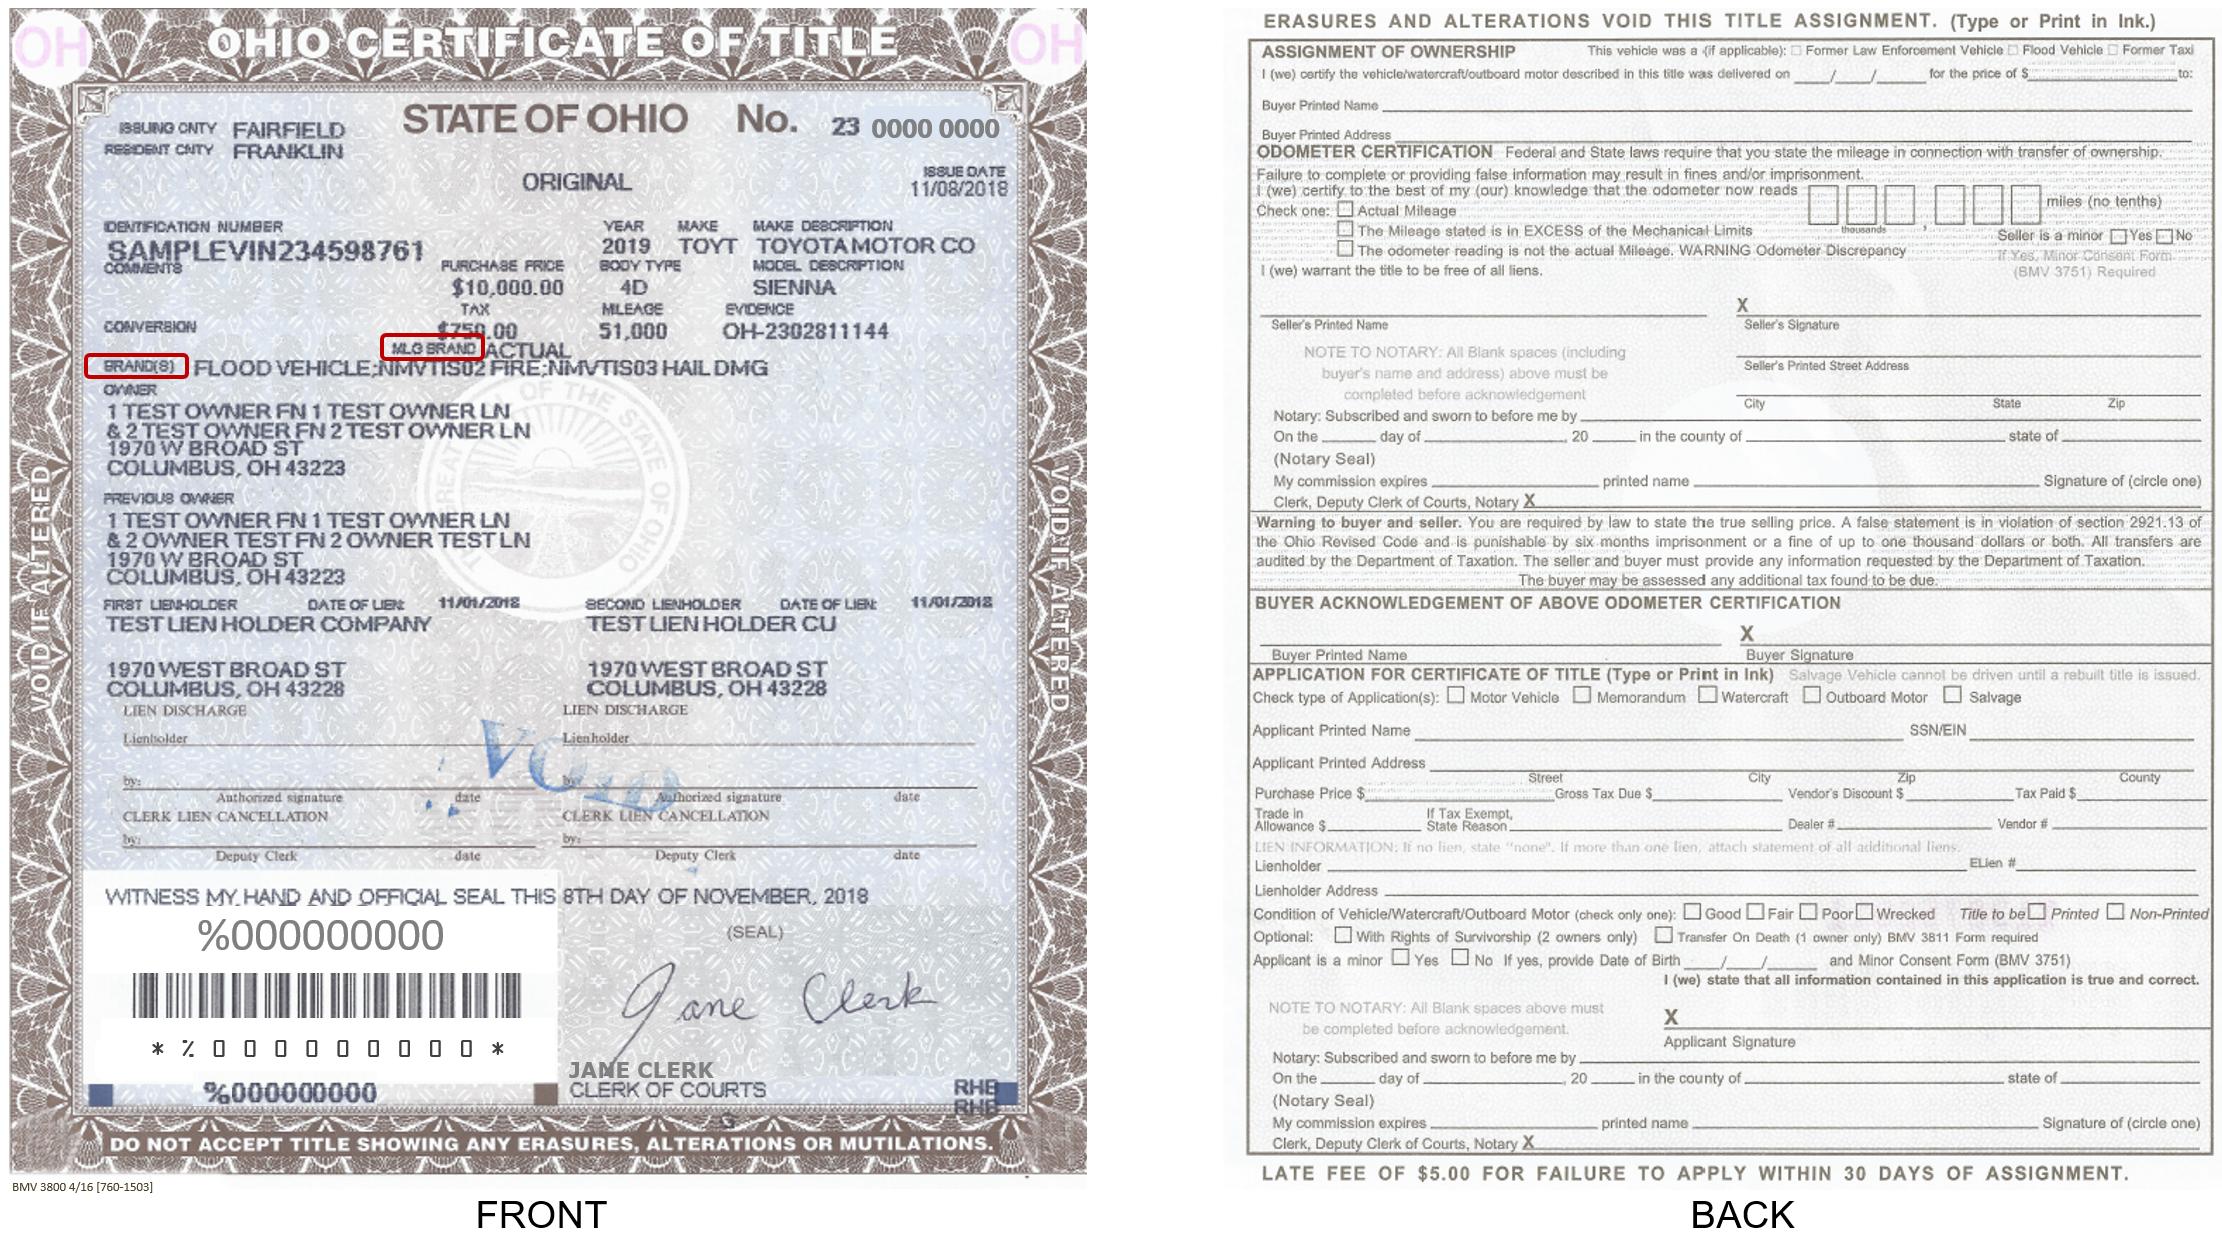 13b2cd1107f45f993d2917a23469d6c4 - How To Get A Duplicate Car Title In Ohio